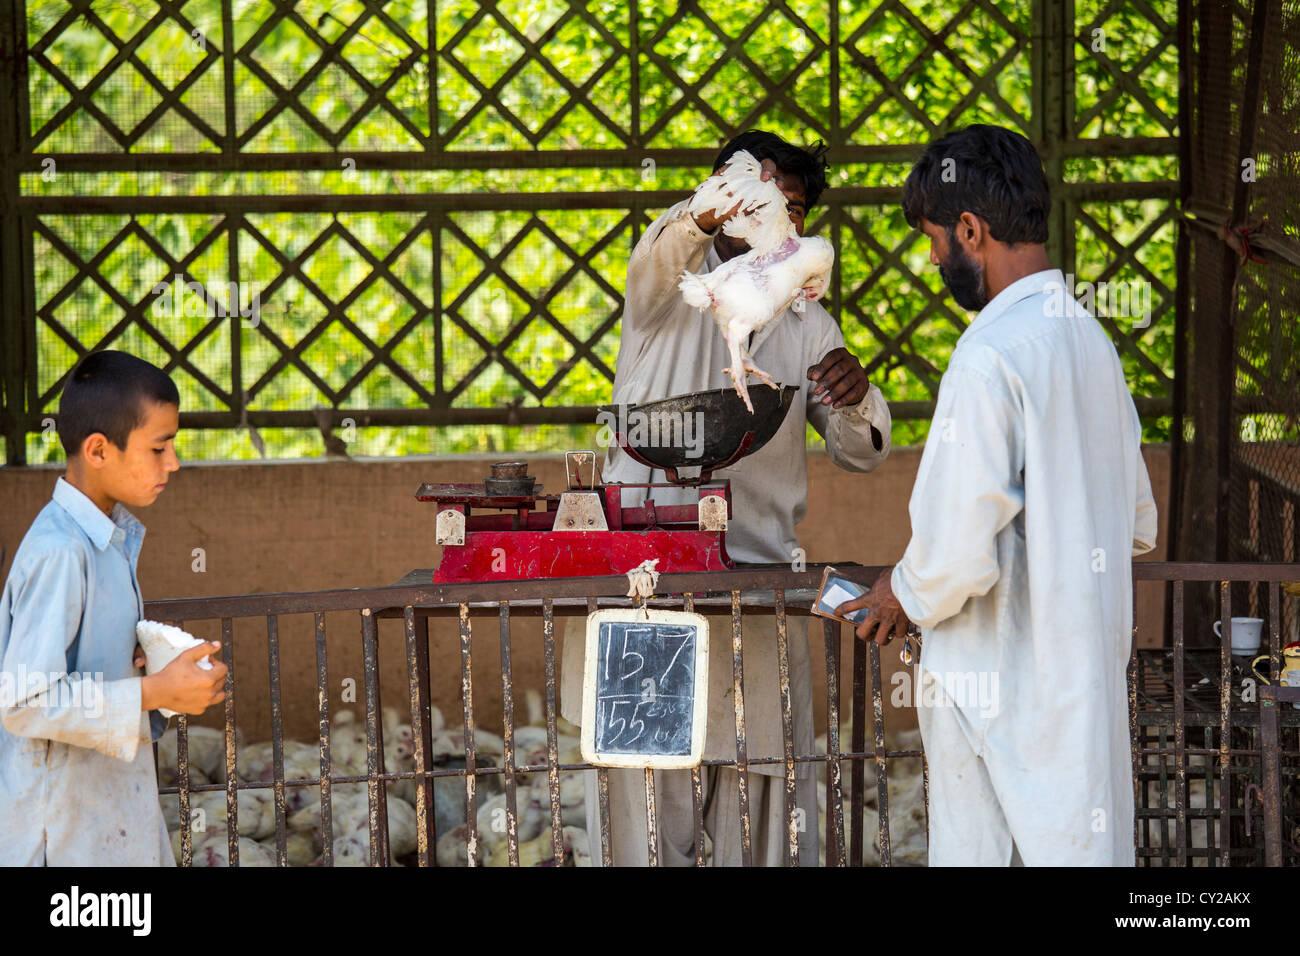 Pollo vivo proveedor, Mercado Dominical, Islamabad, Pakistán Imagen De Stock